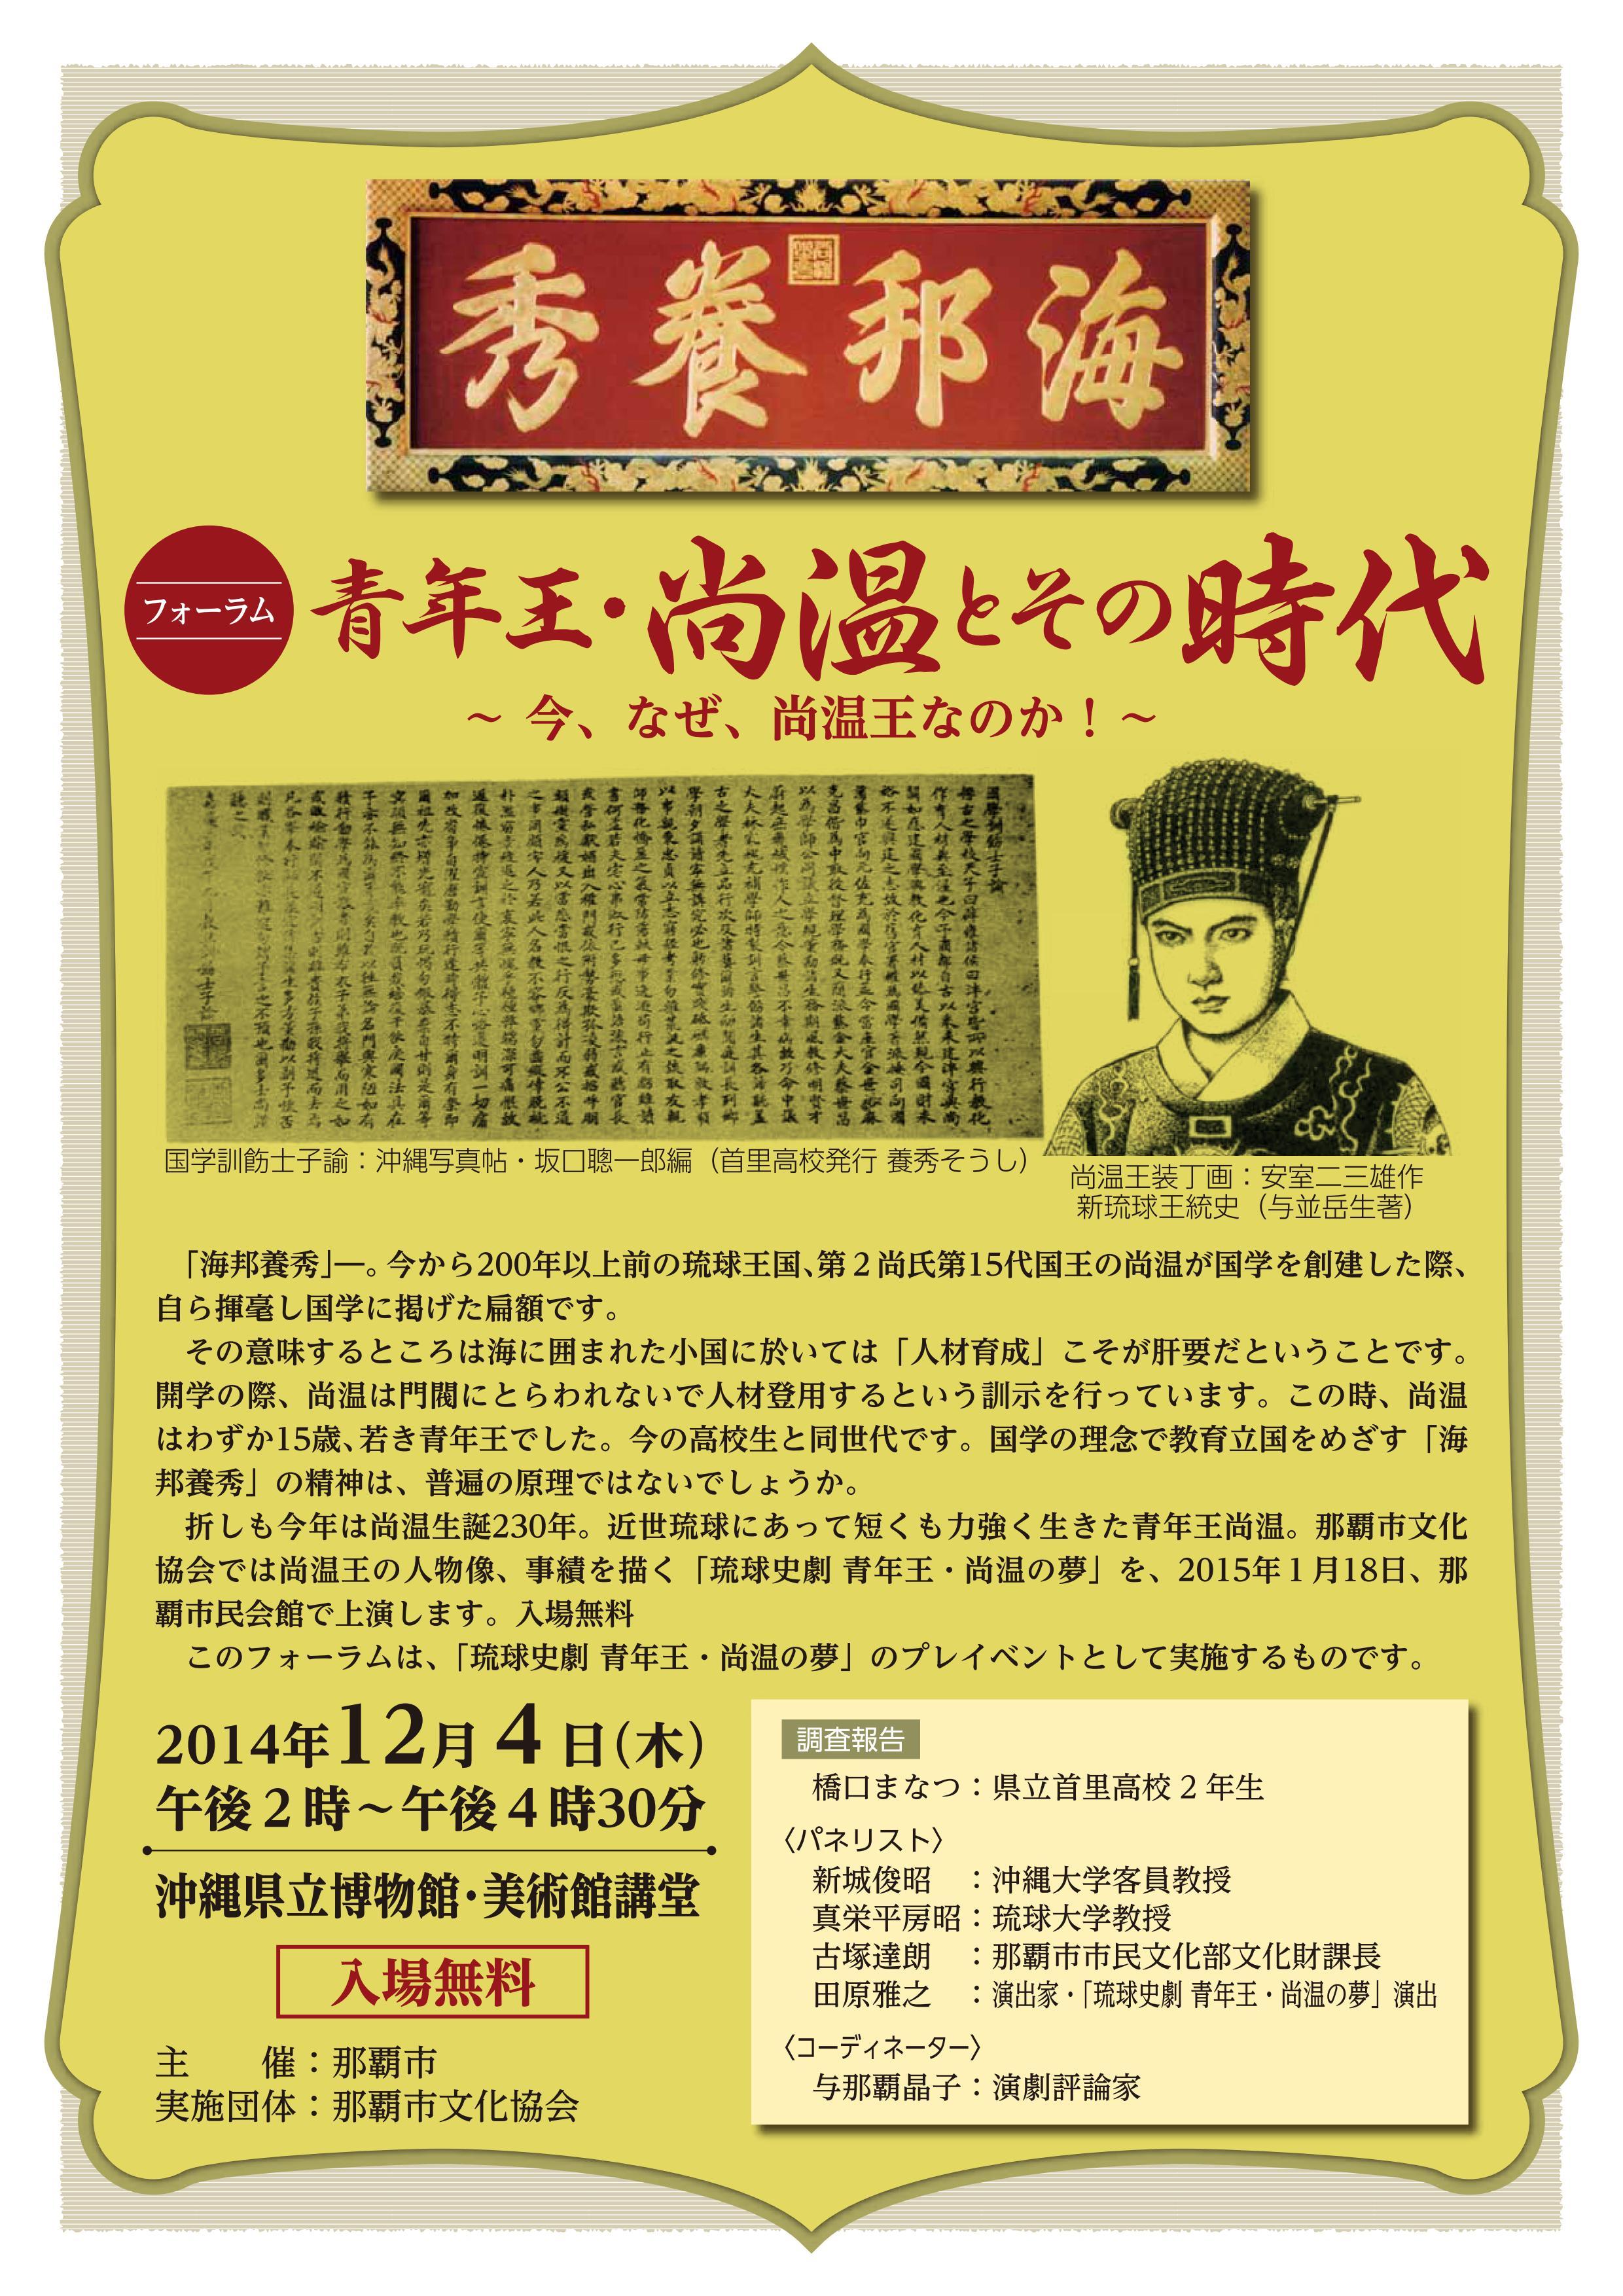 フォーラム 青年王・尚温とその時代 チラシ